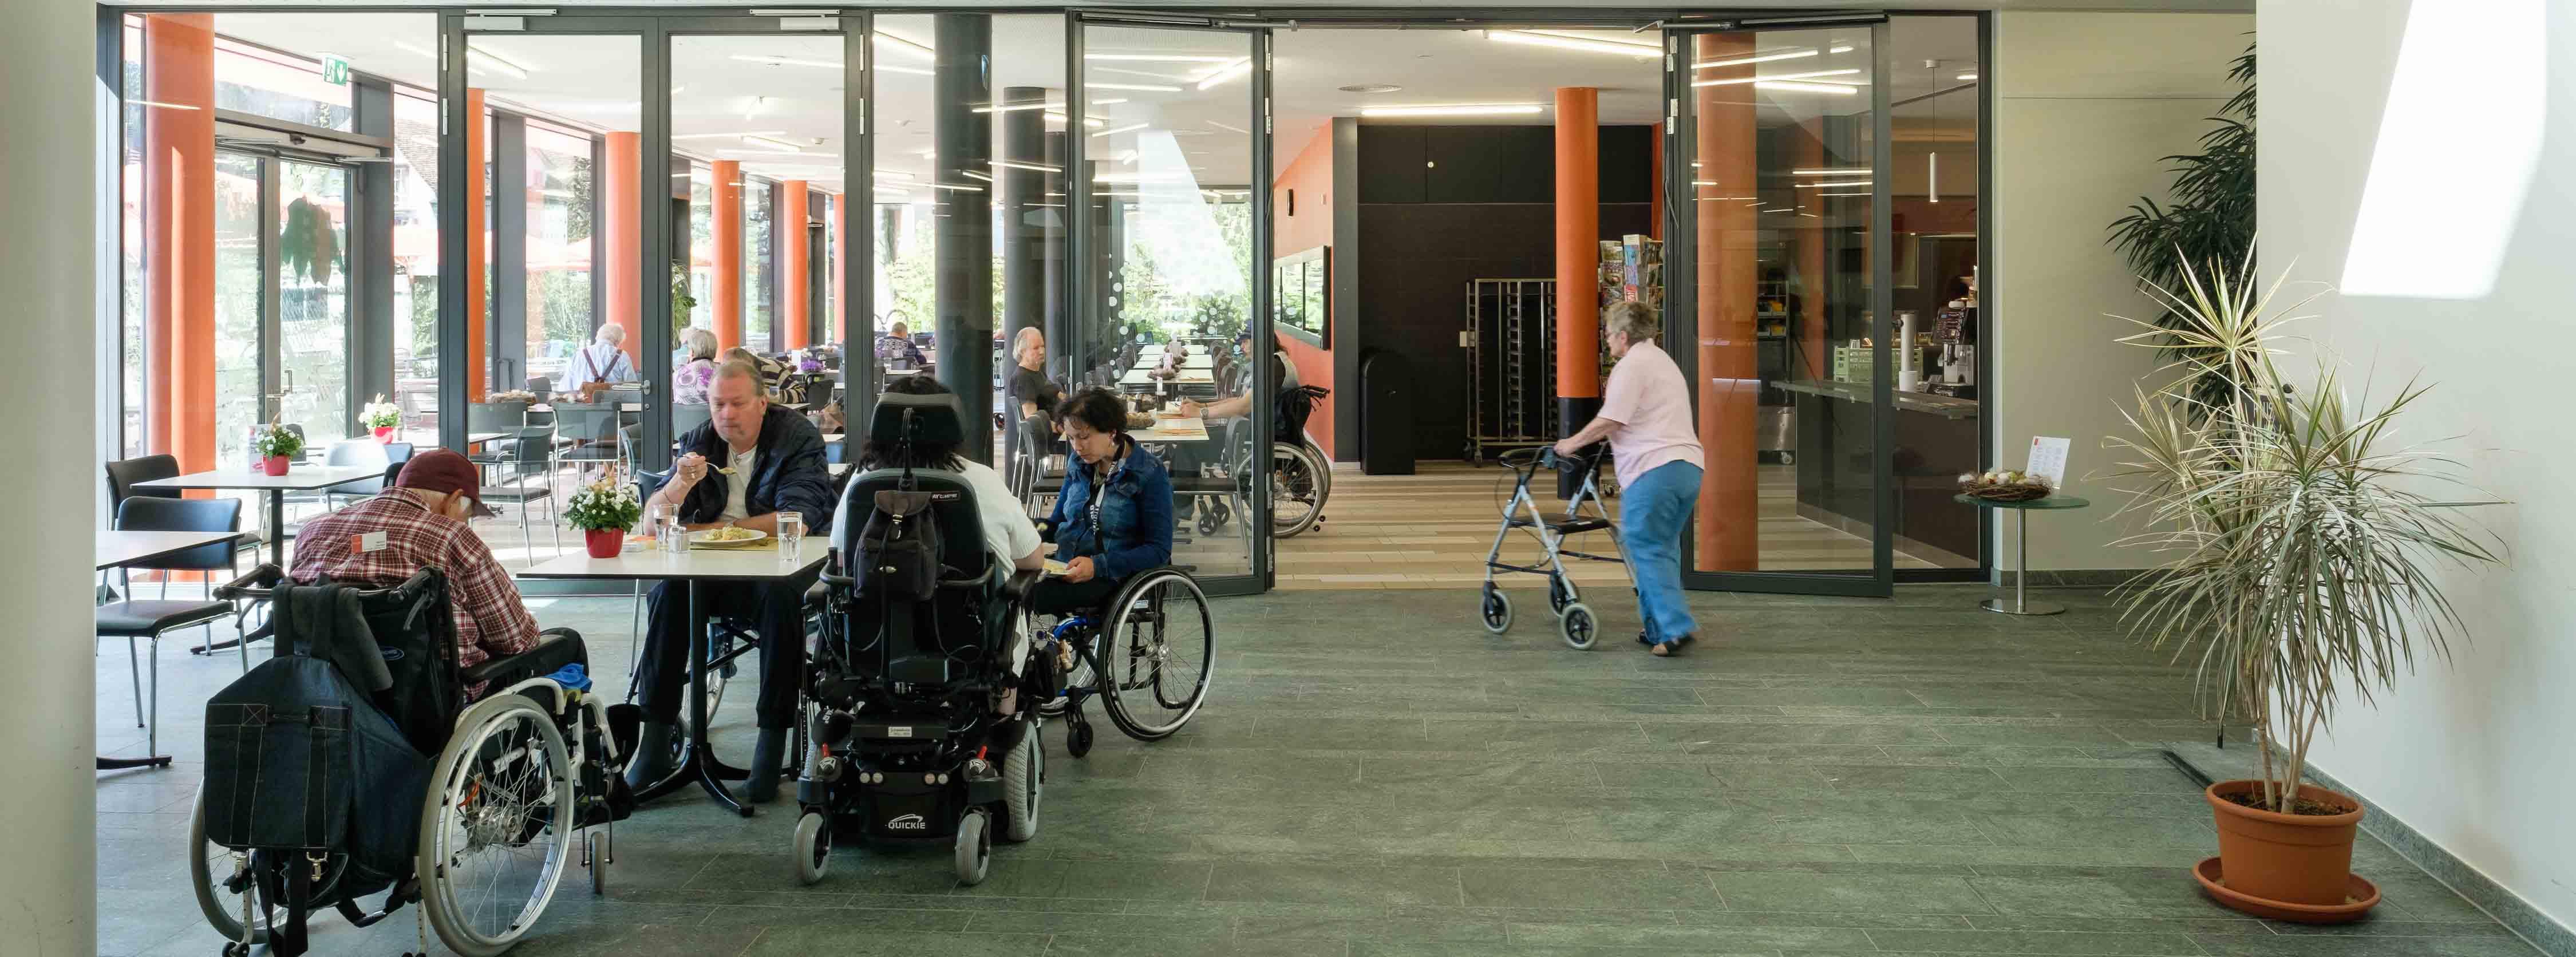 Speisesaal mit Rollstuhl- und Rollatornutzern